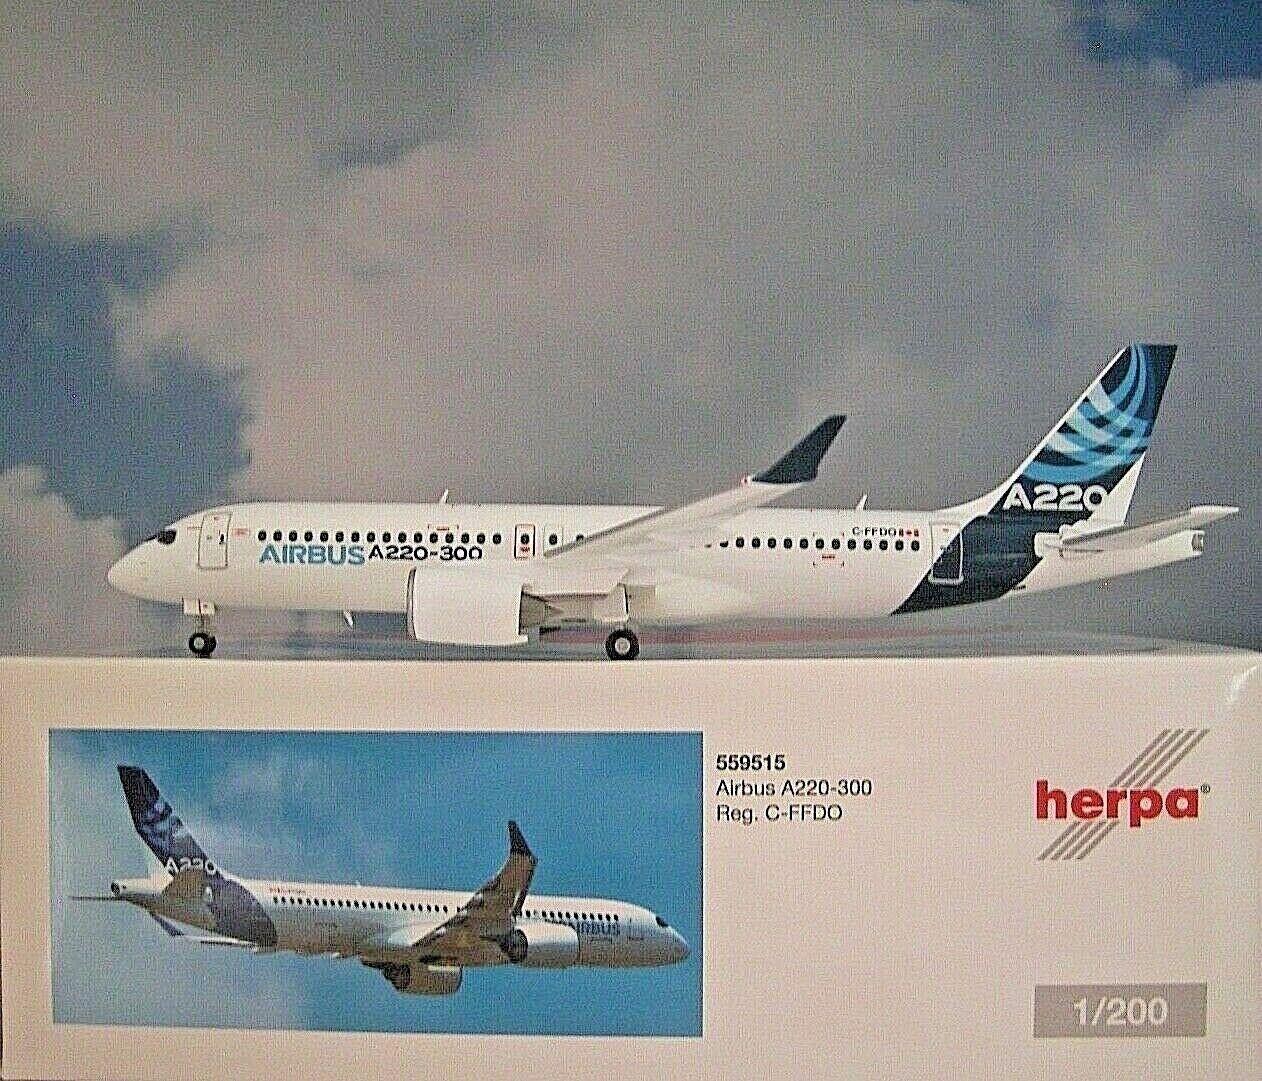 Herpa Wings1 200 Airbus A220-300 Airbus Industria C-Ffdo 559515